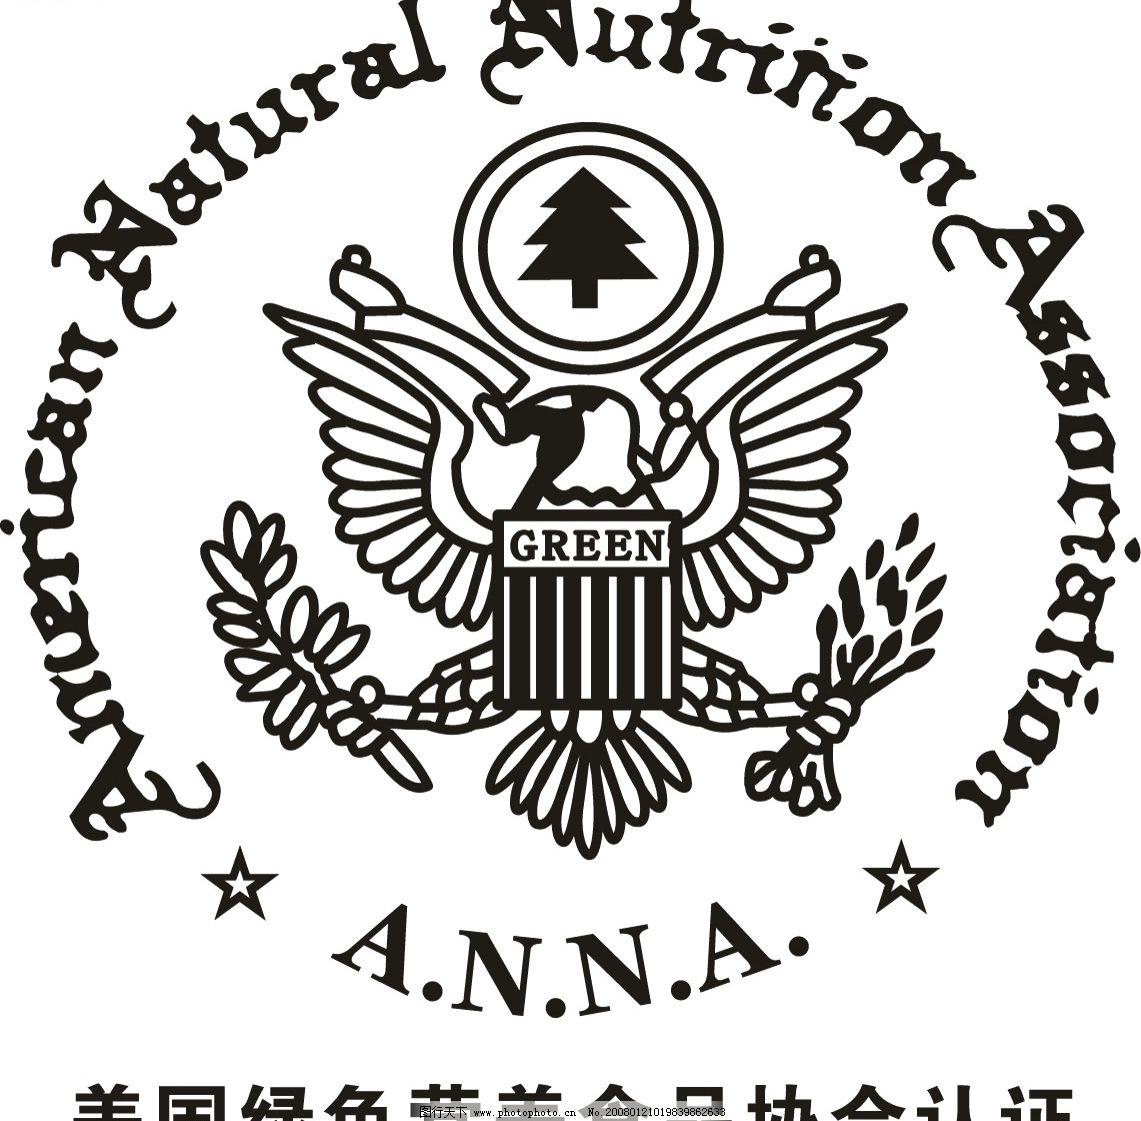 认证标志 标志 标识标志图标 公共标识标志 标志(公共类) 矢量图库